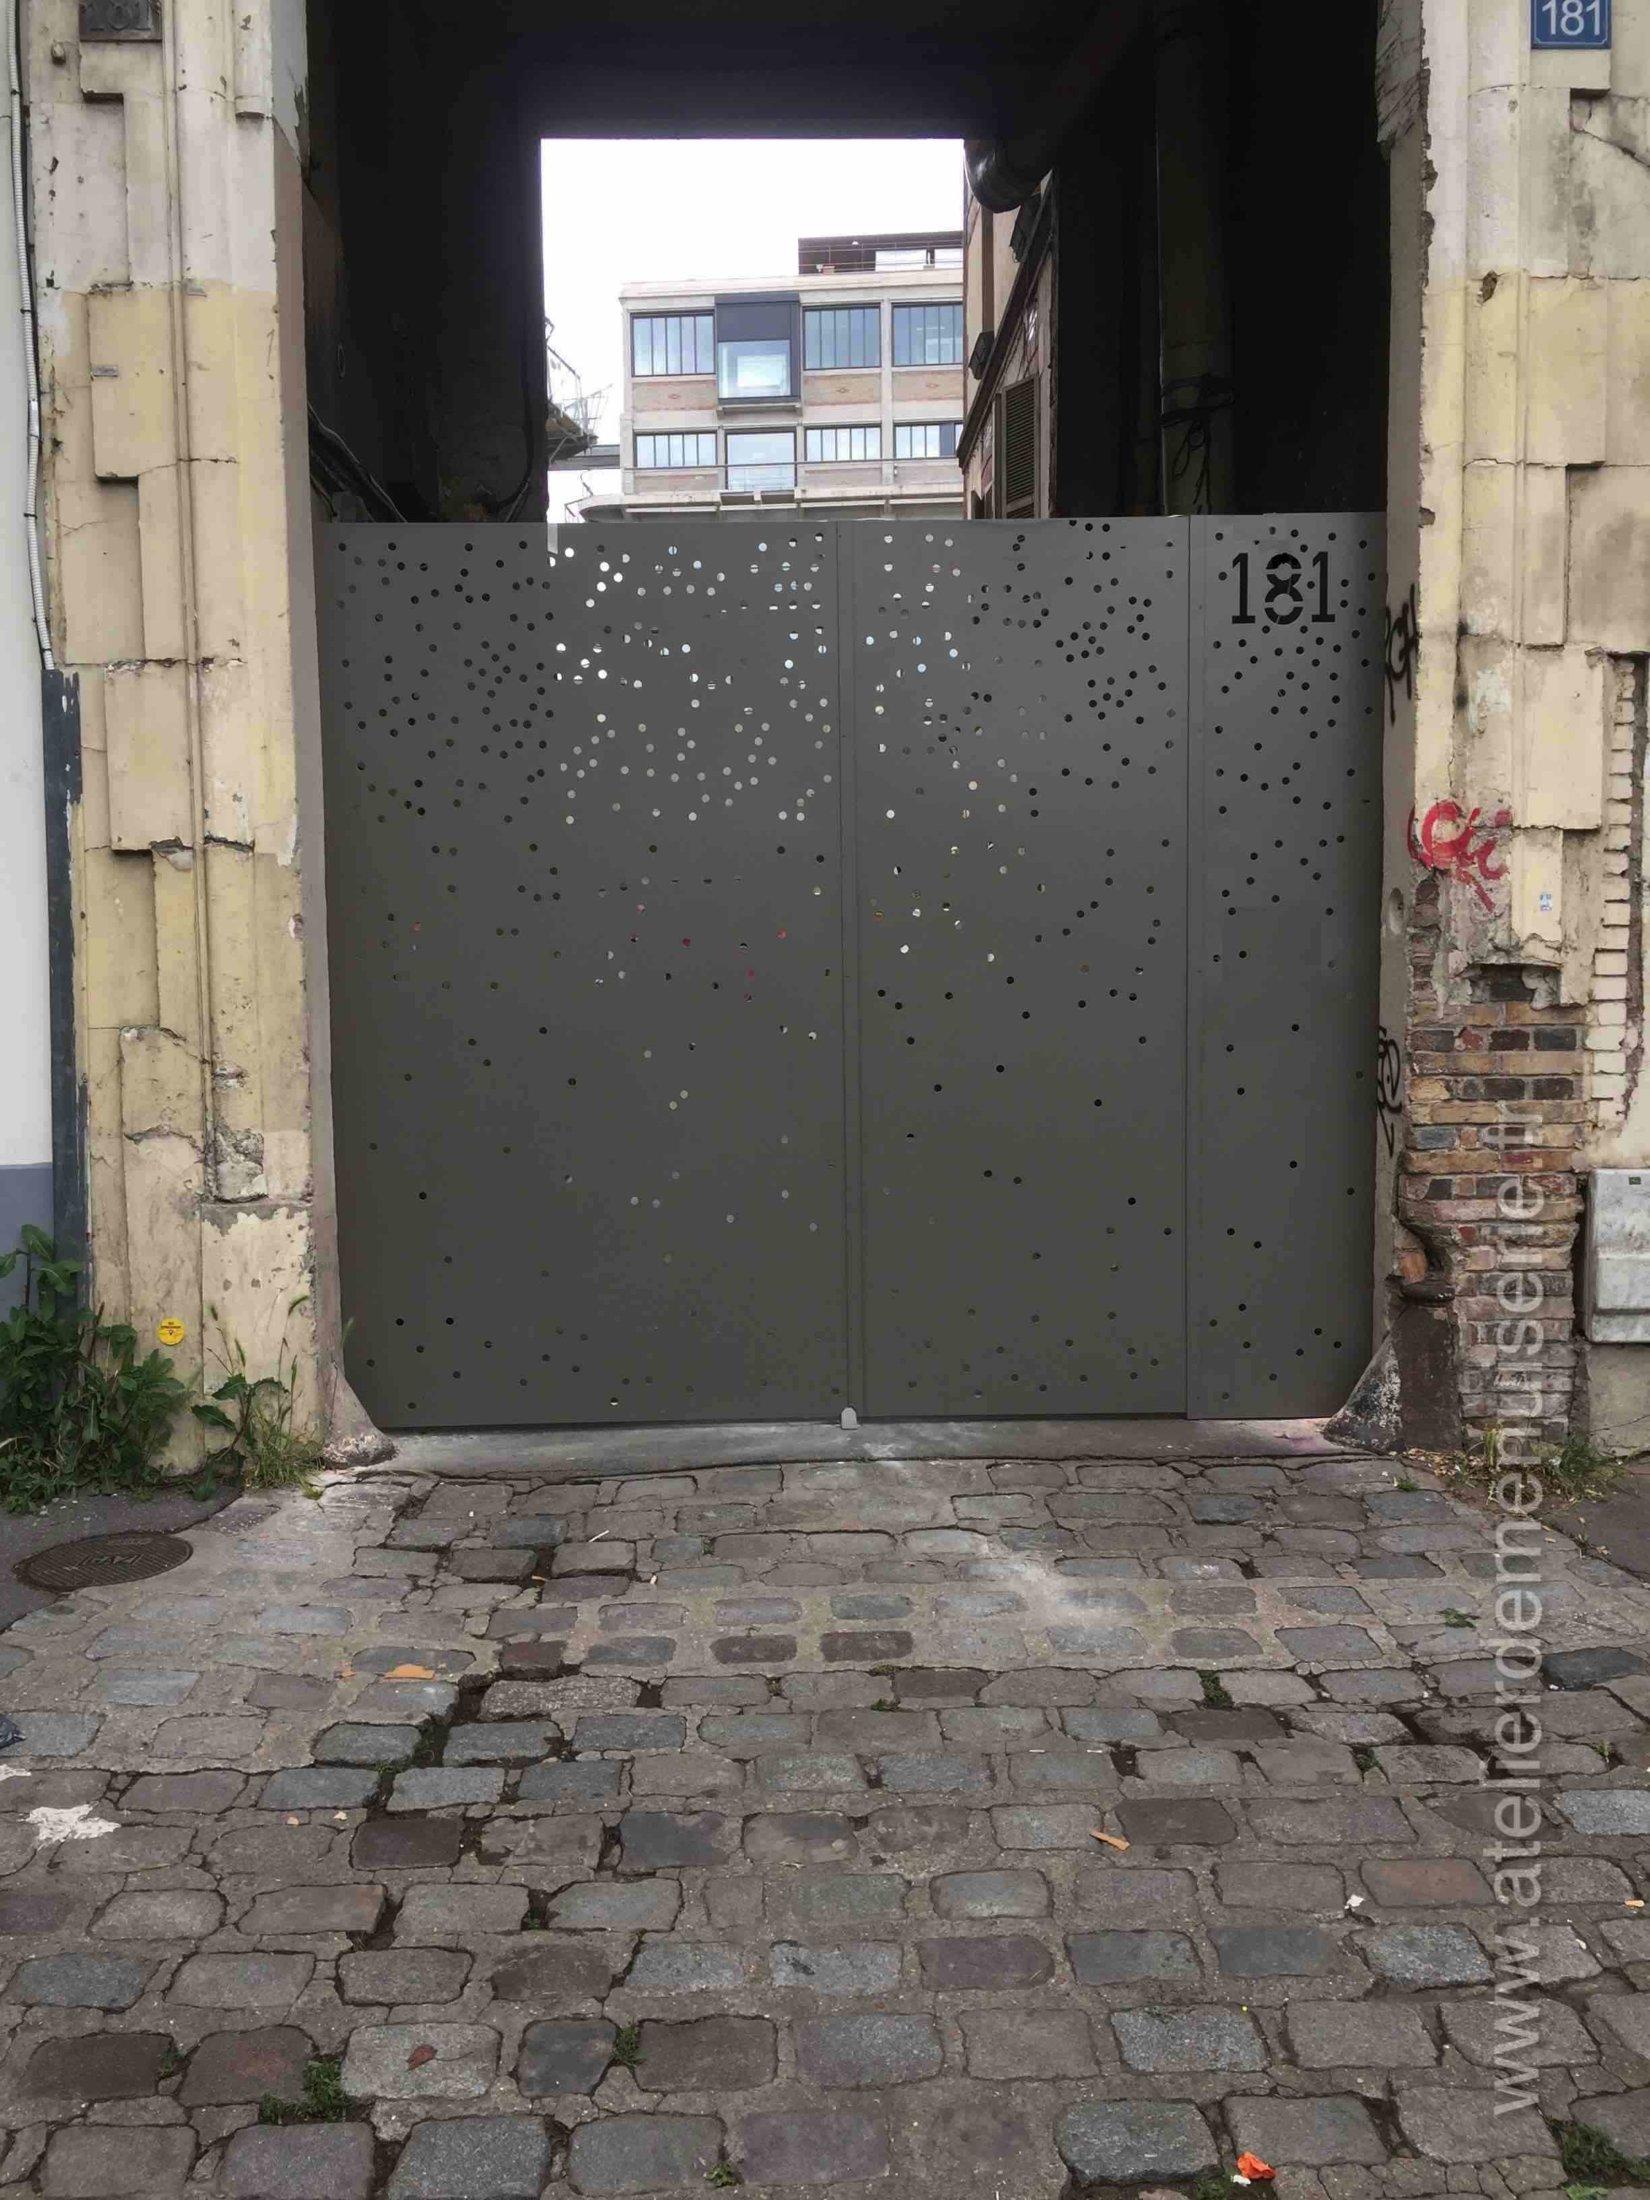 2019 04 - Portail Acier 181 JEAN LOLIVE - Vue Ext